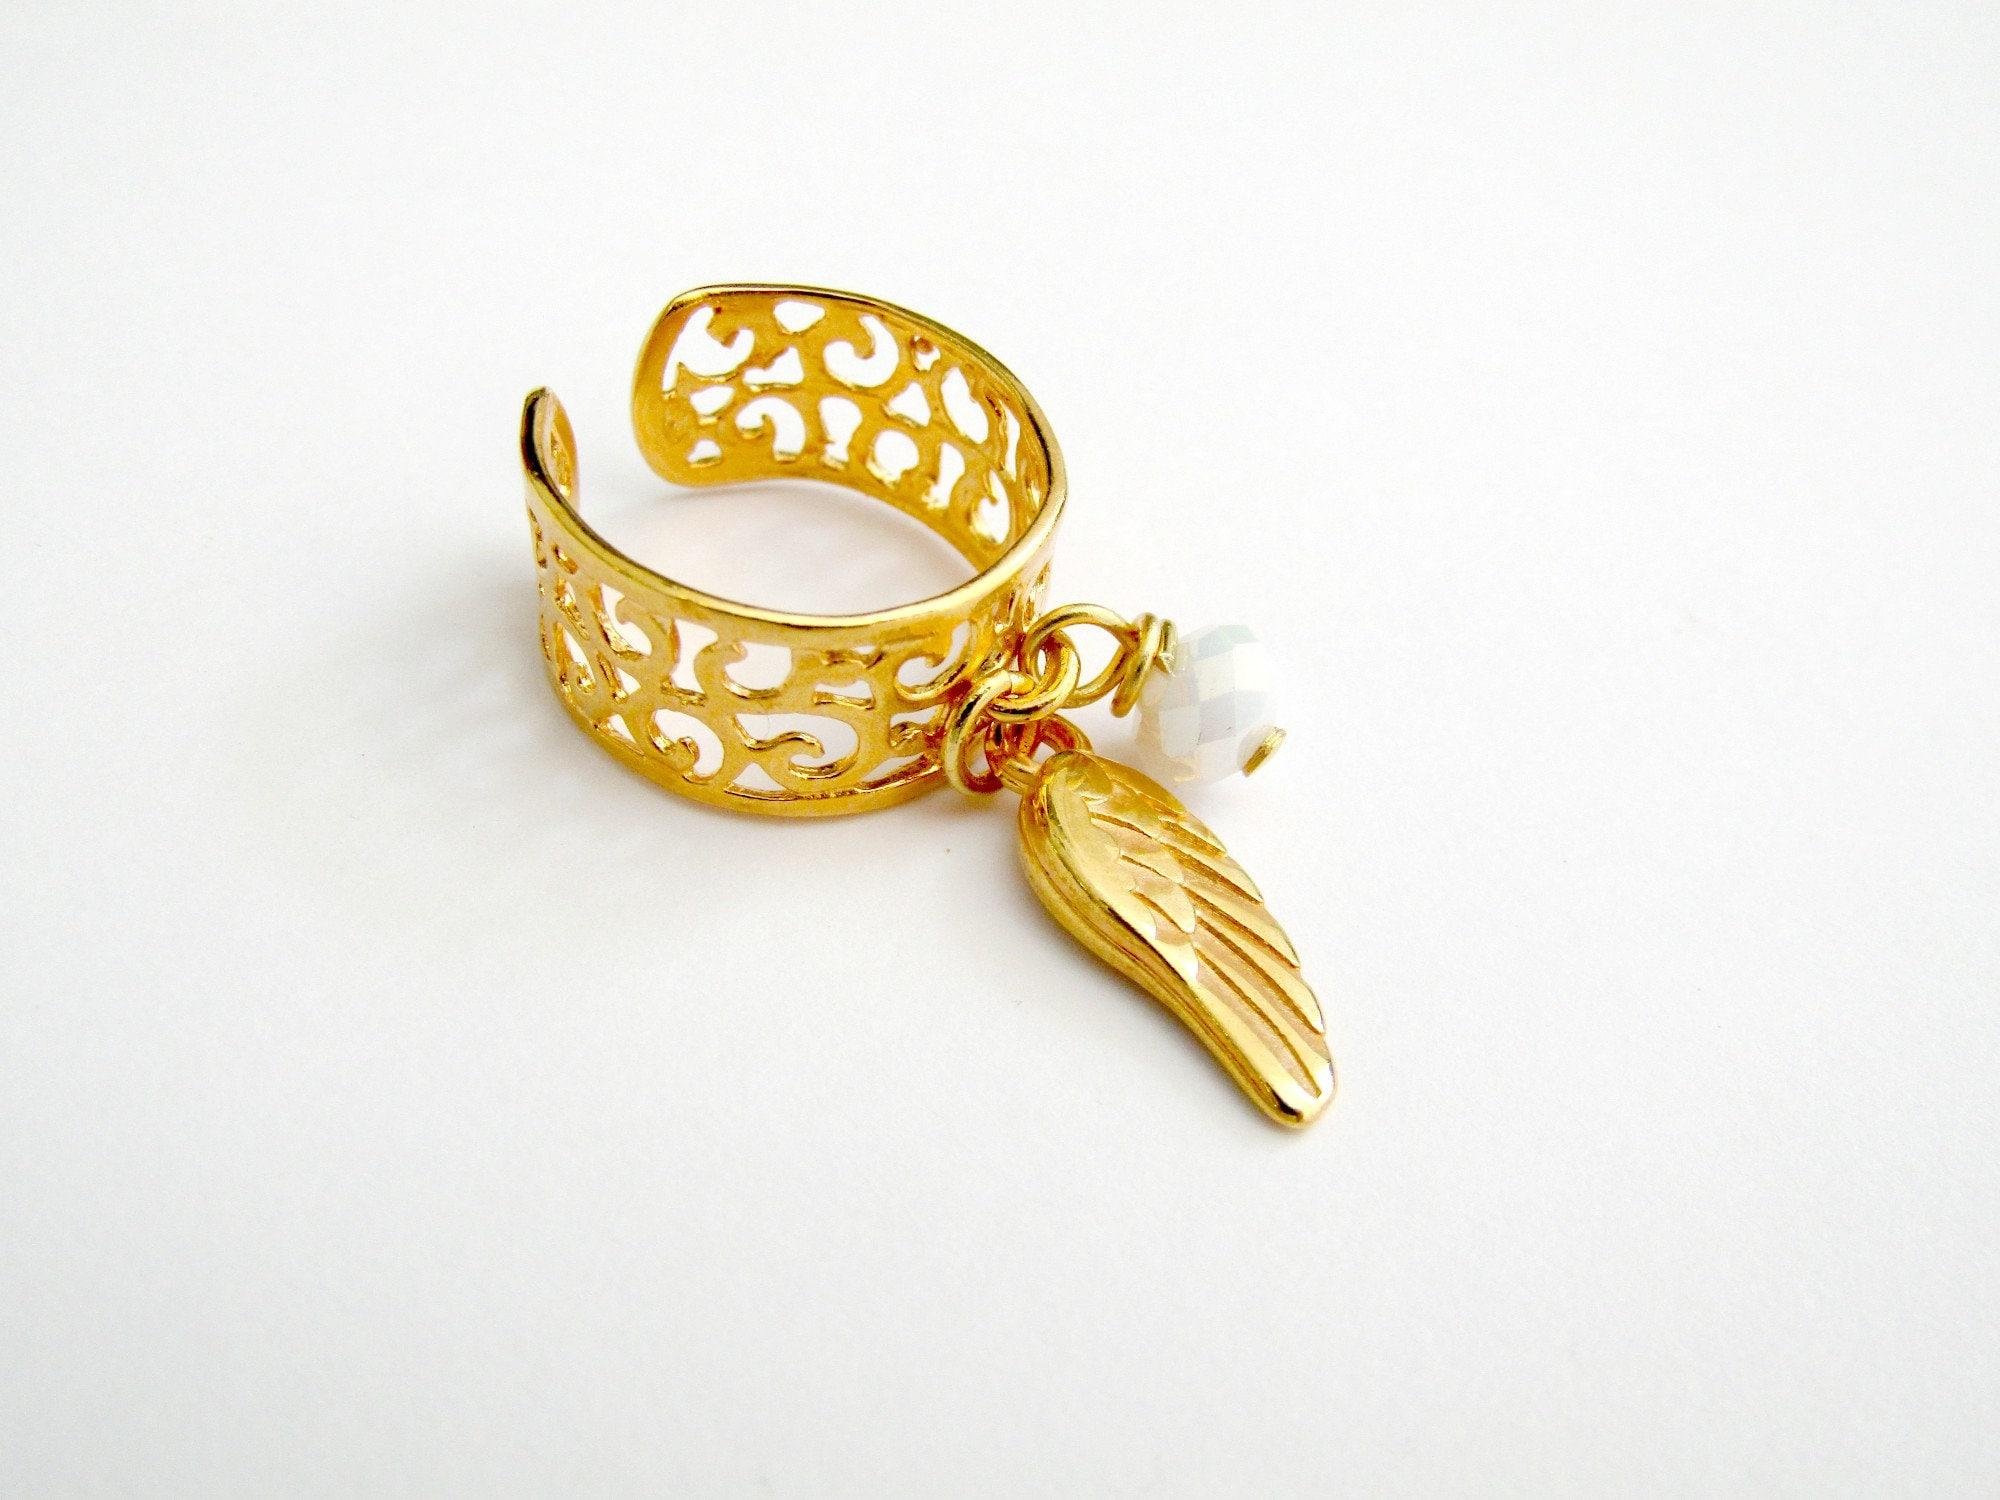 Επίχρυσο δαχτυλίδι chevalier με φτερό και άσπρη χάντρα  Chevalier gold  plated ring with feather and white bead 21dff83c28e